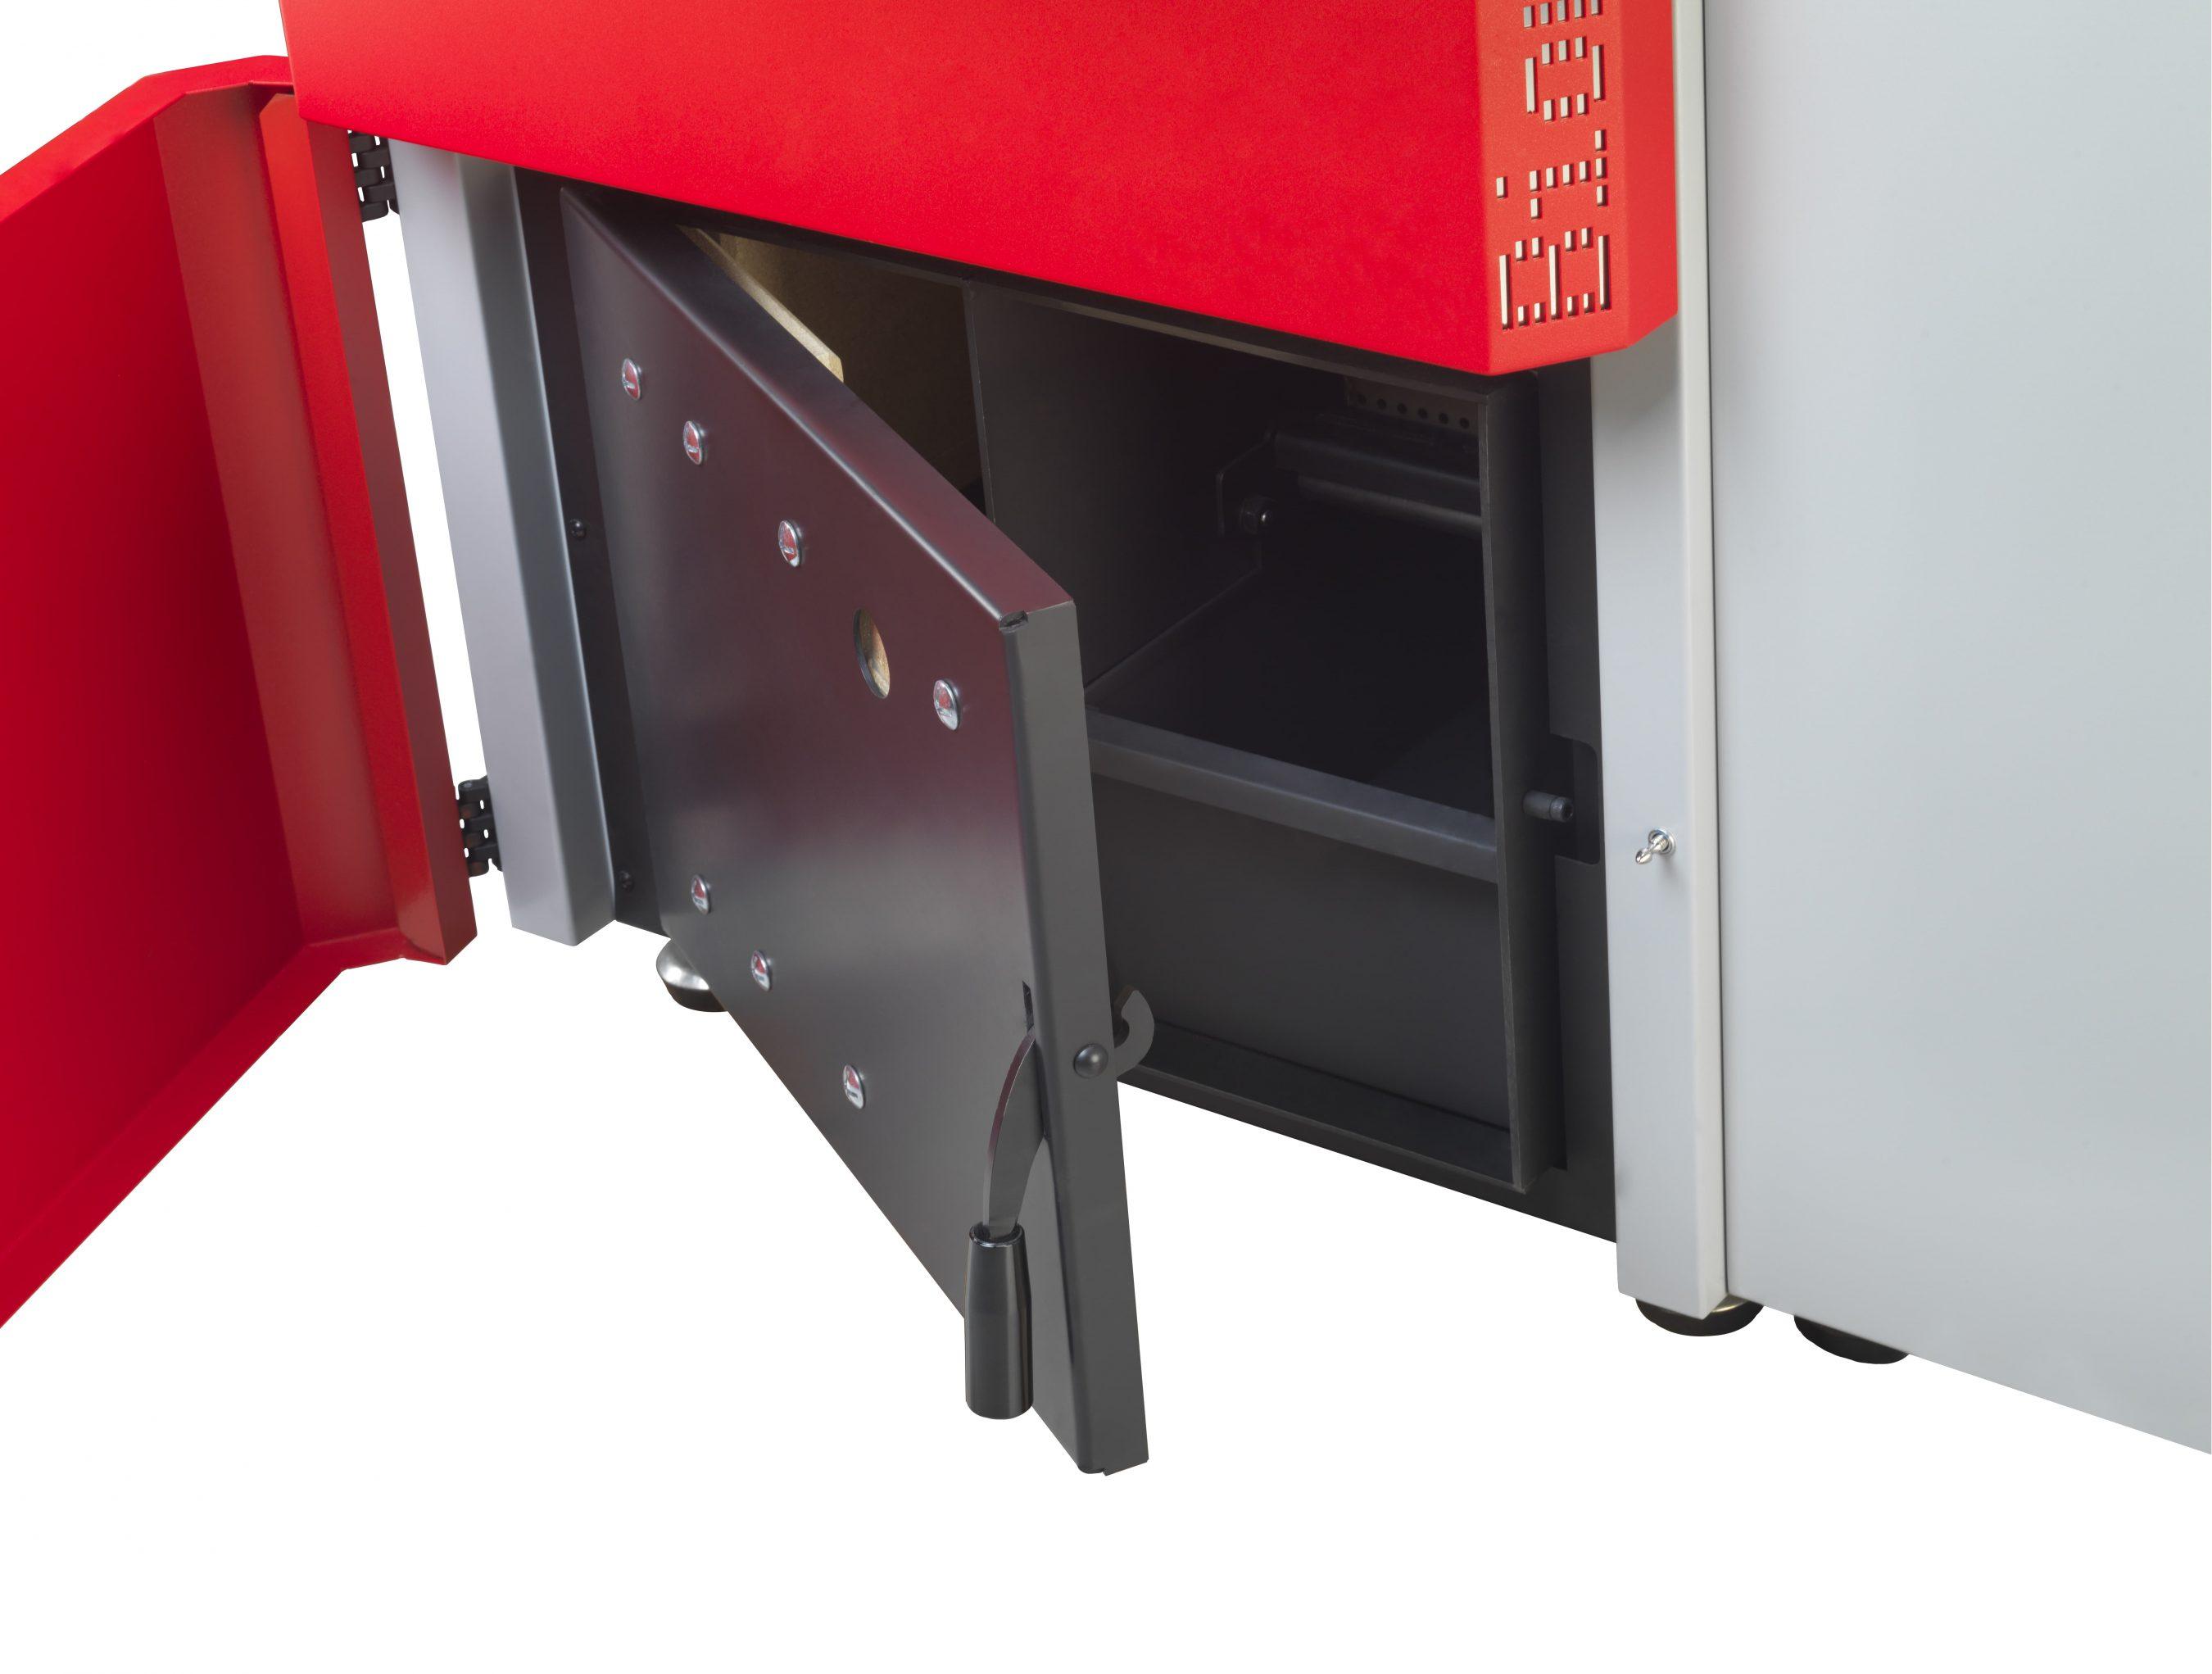 Pormenor da gaveta de cinzas da caldeira Biomasse P